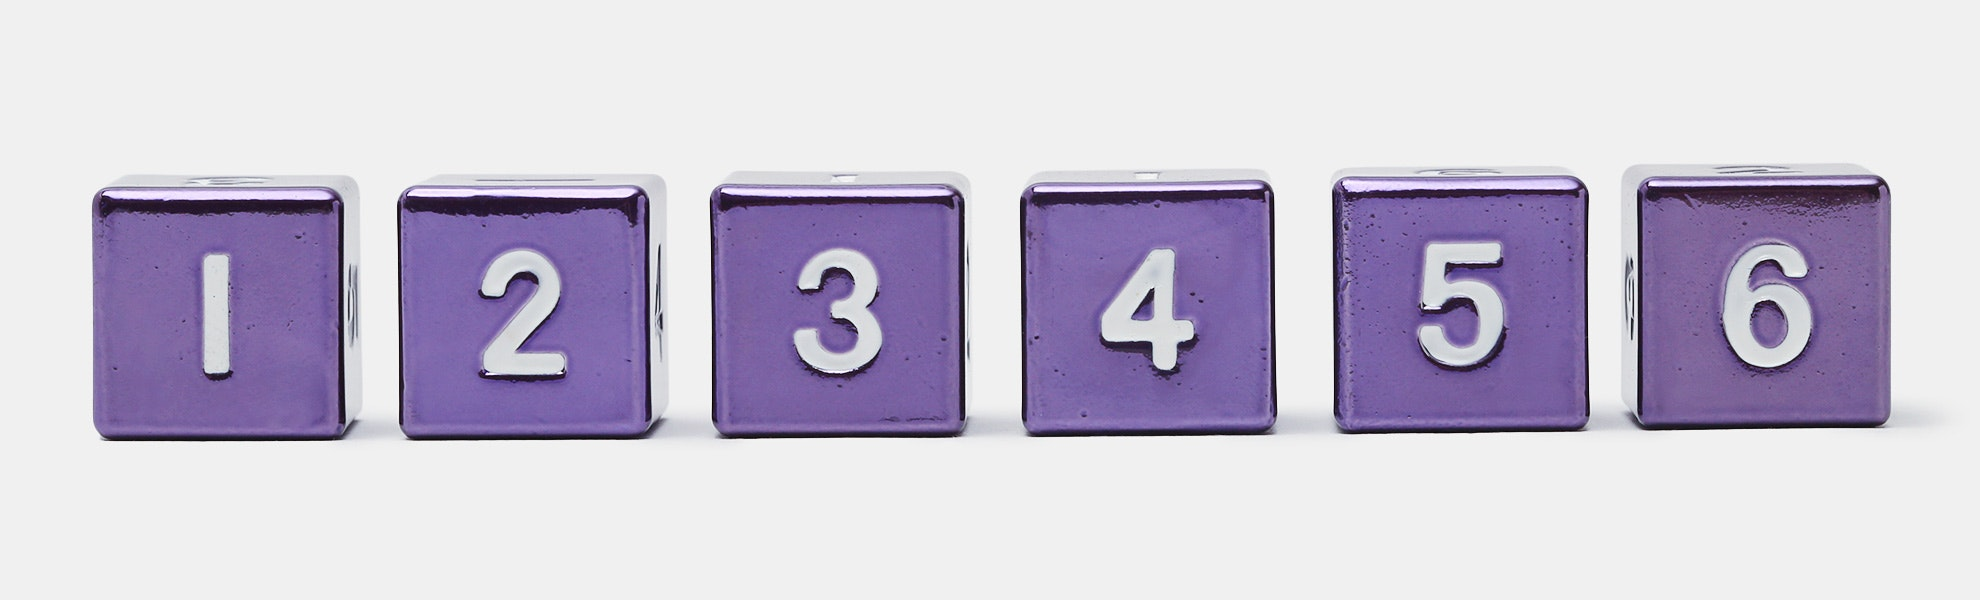 Metallic 16mm Purple D6 Set - Massdrop Exclusive